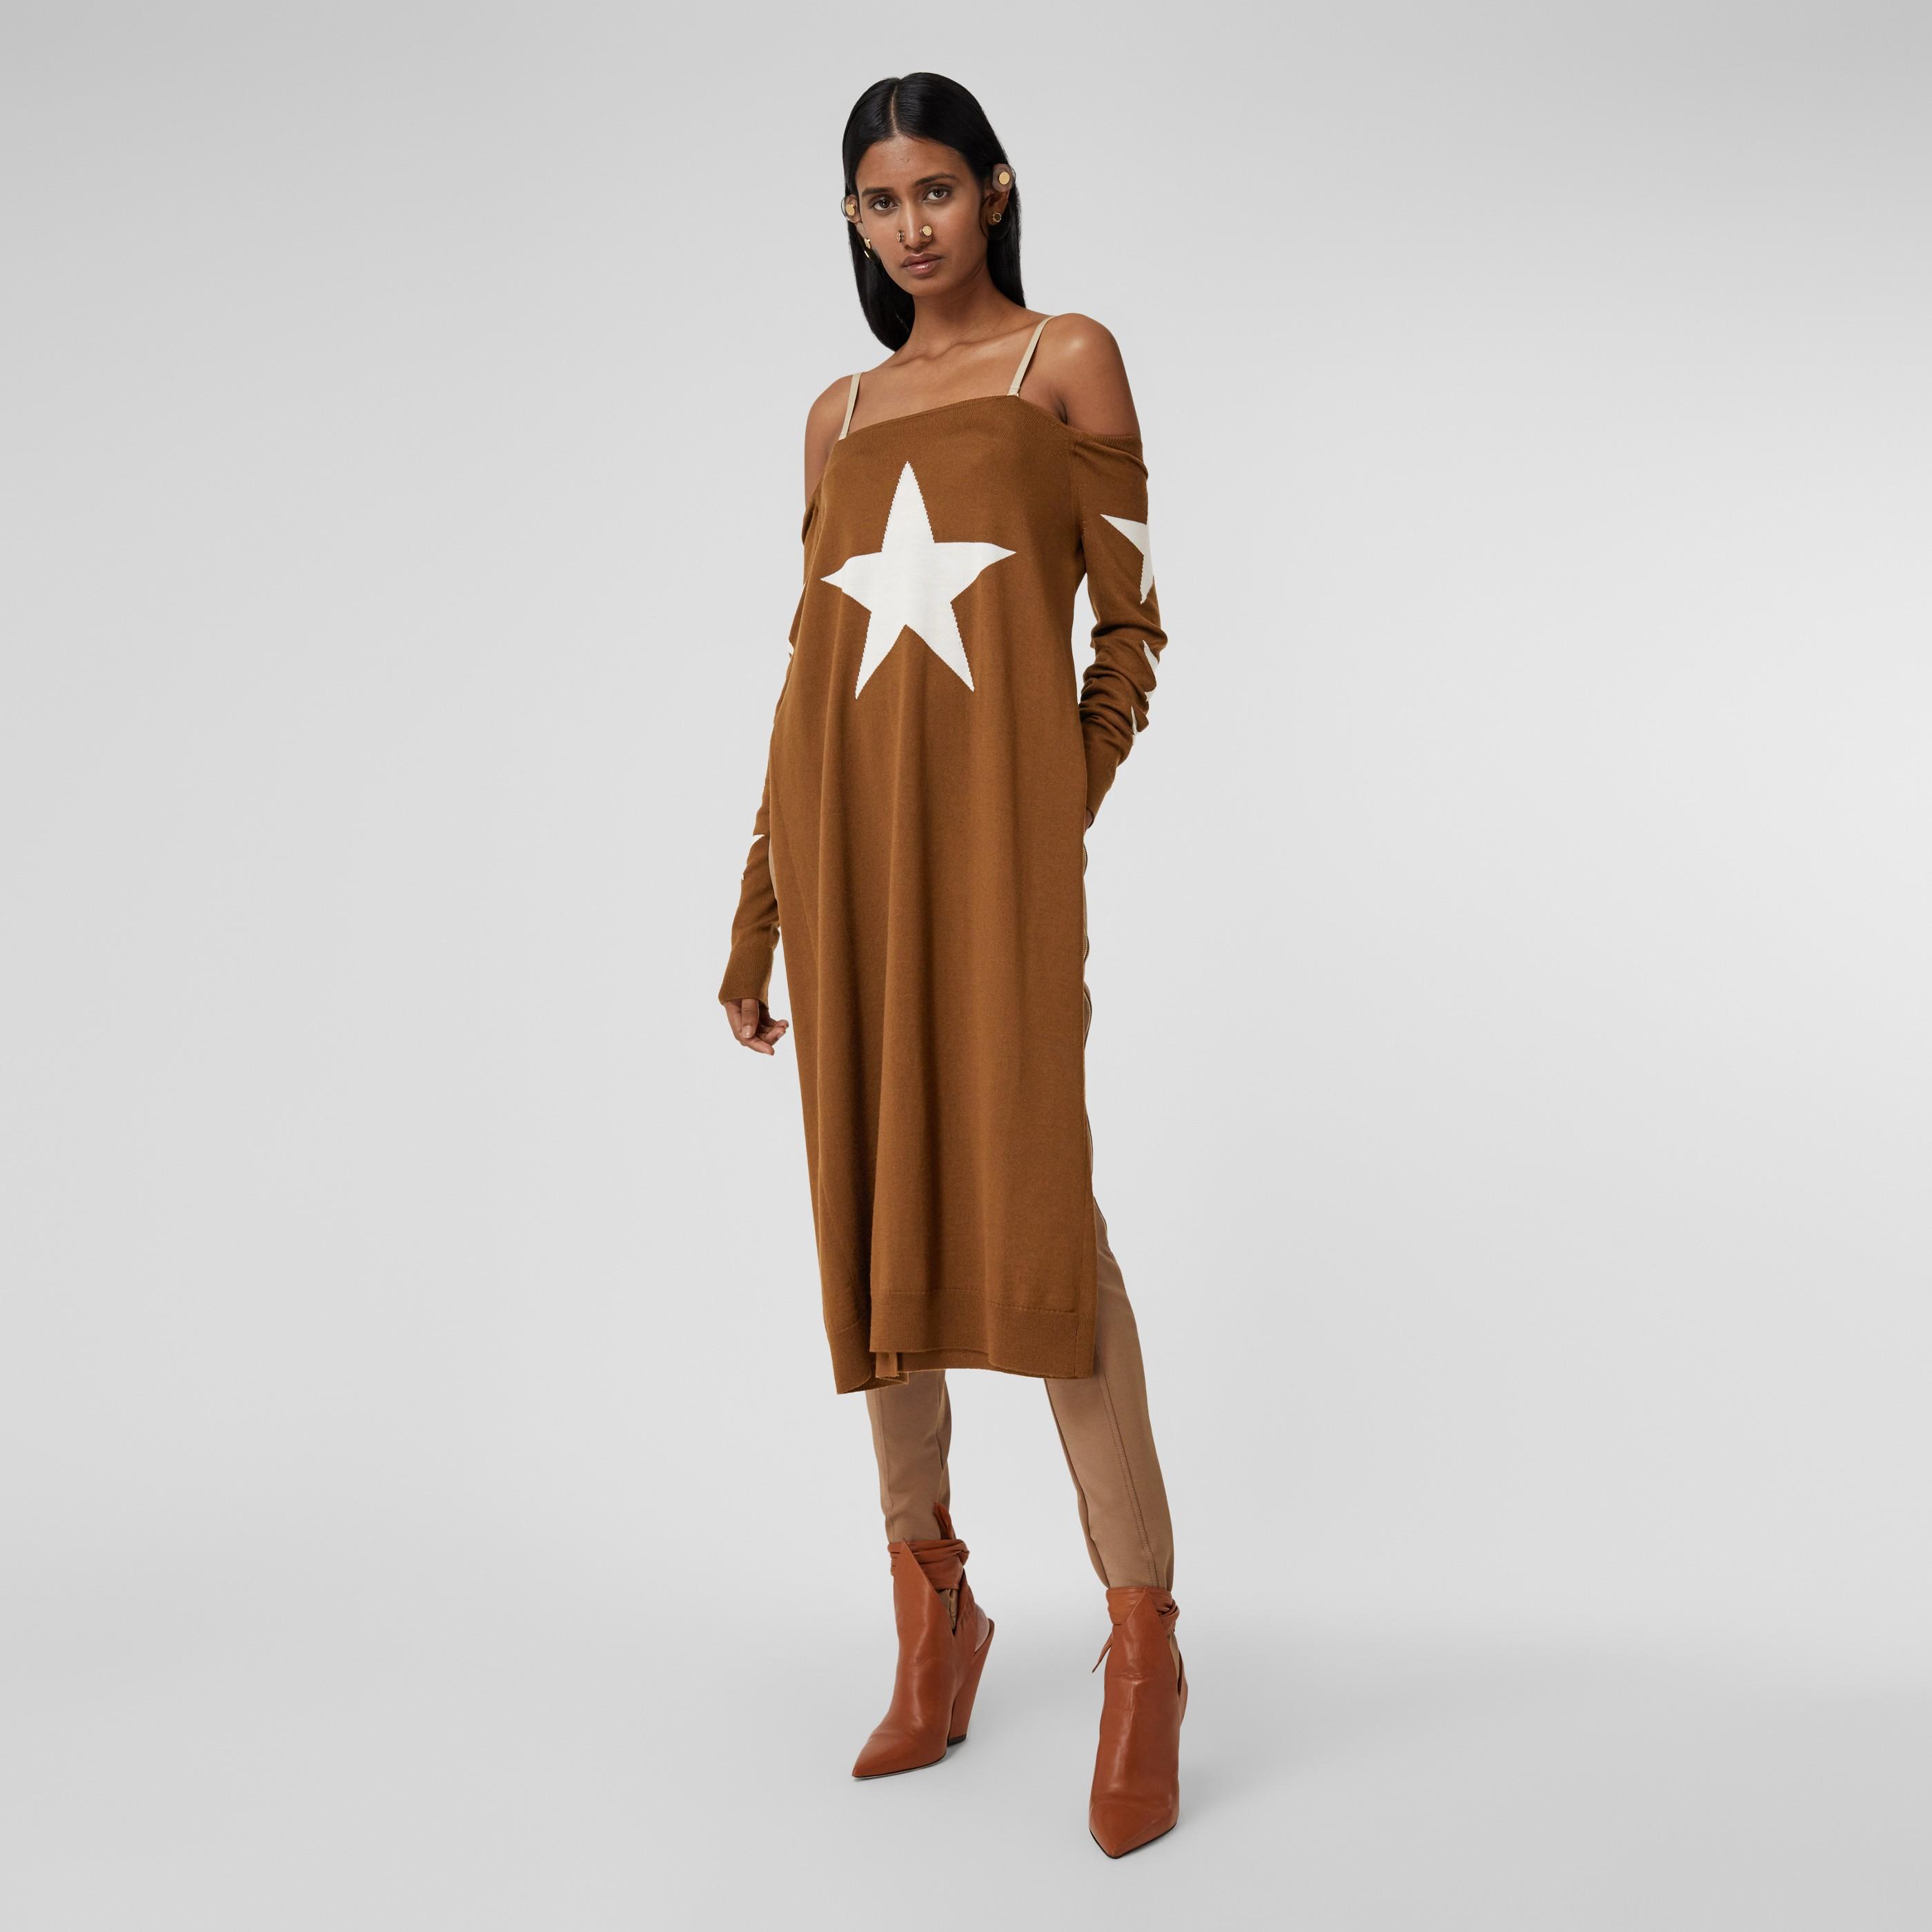 Abito in lana ricostruito con motivo stella (Mogano) - Donna | Burberry - 1